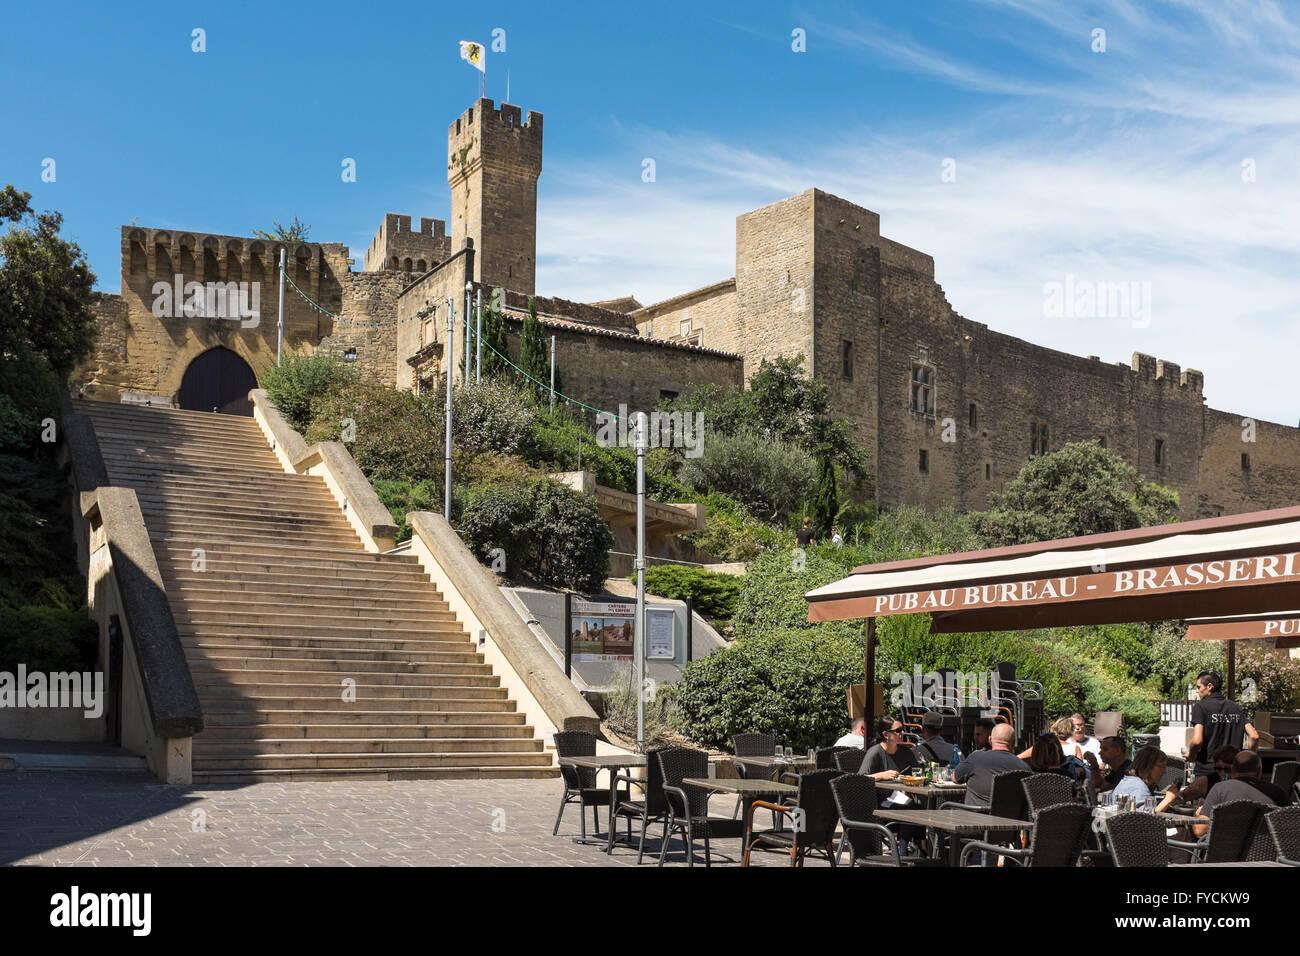 9c schloss château de lemperi salon de provence bouches du rhône